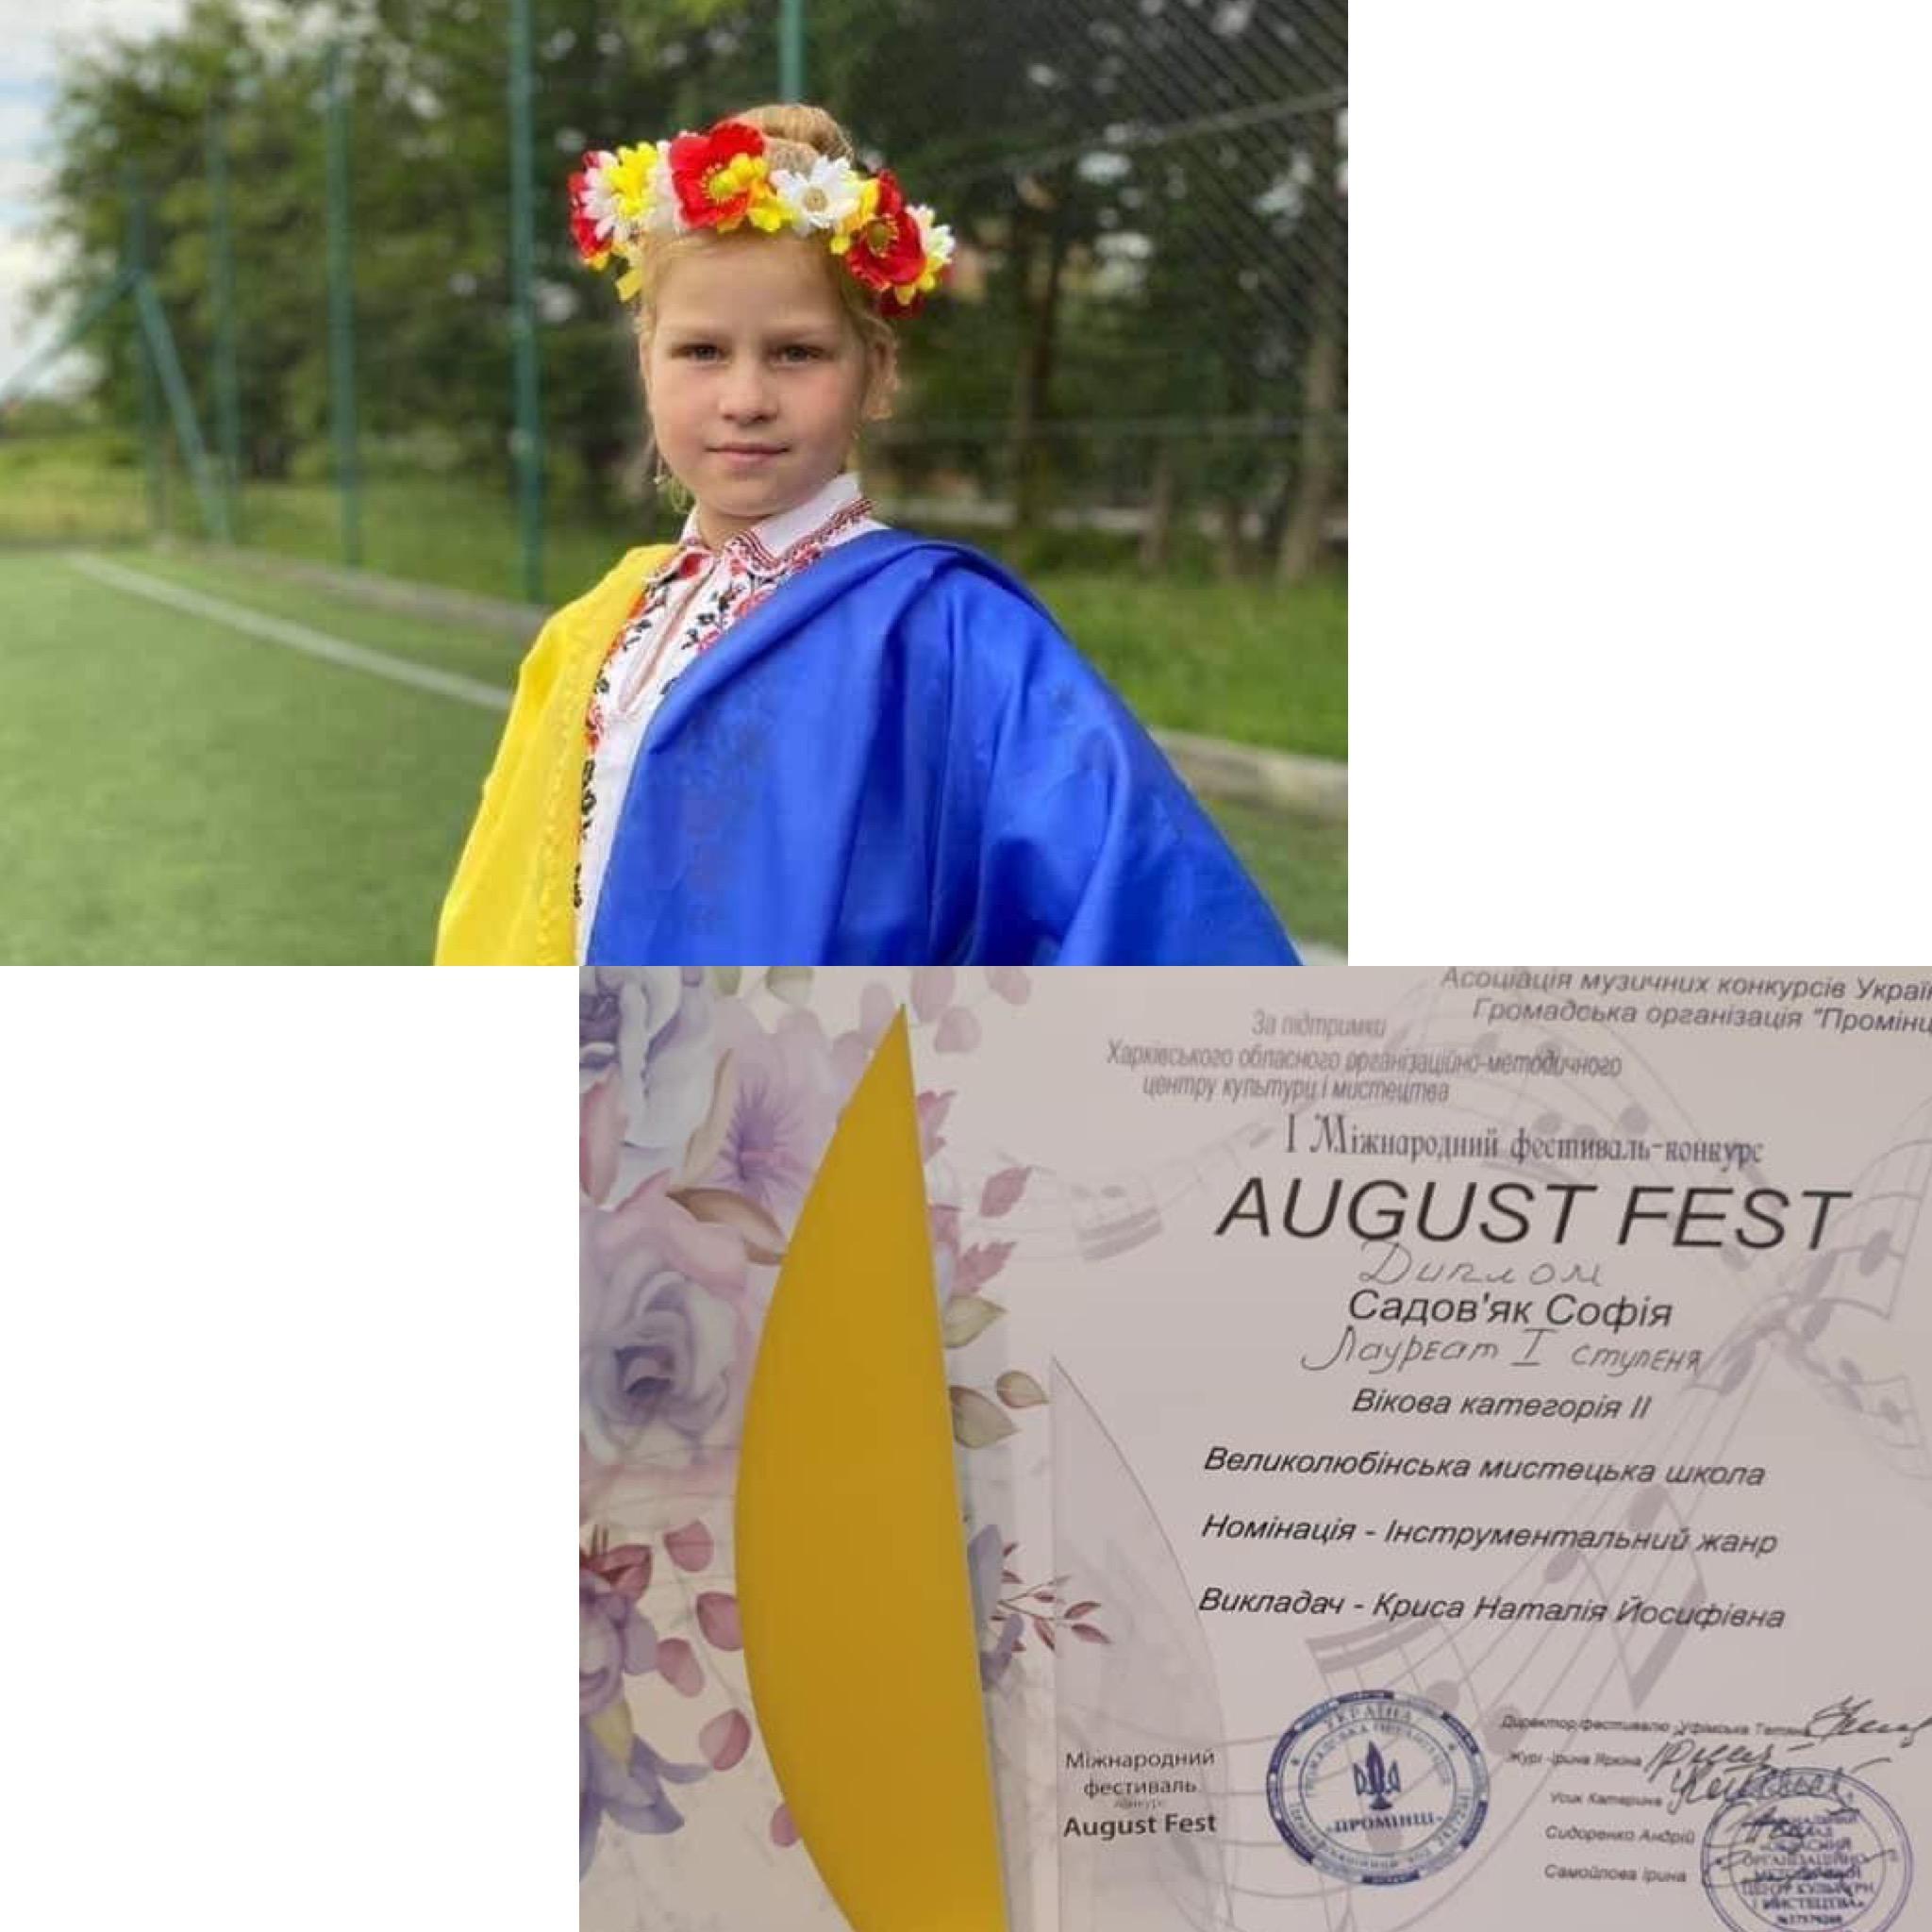 Садов'як Софія Лауреат I ступеня